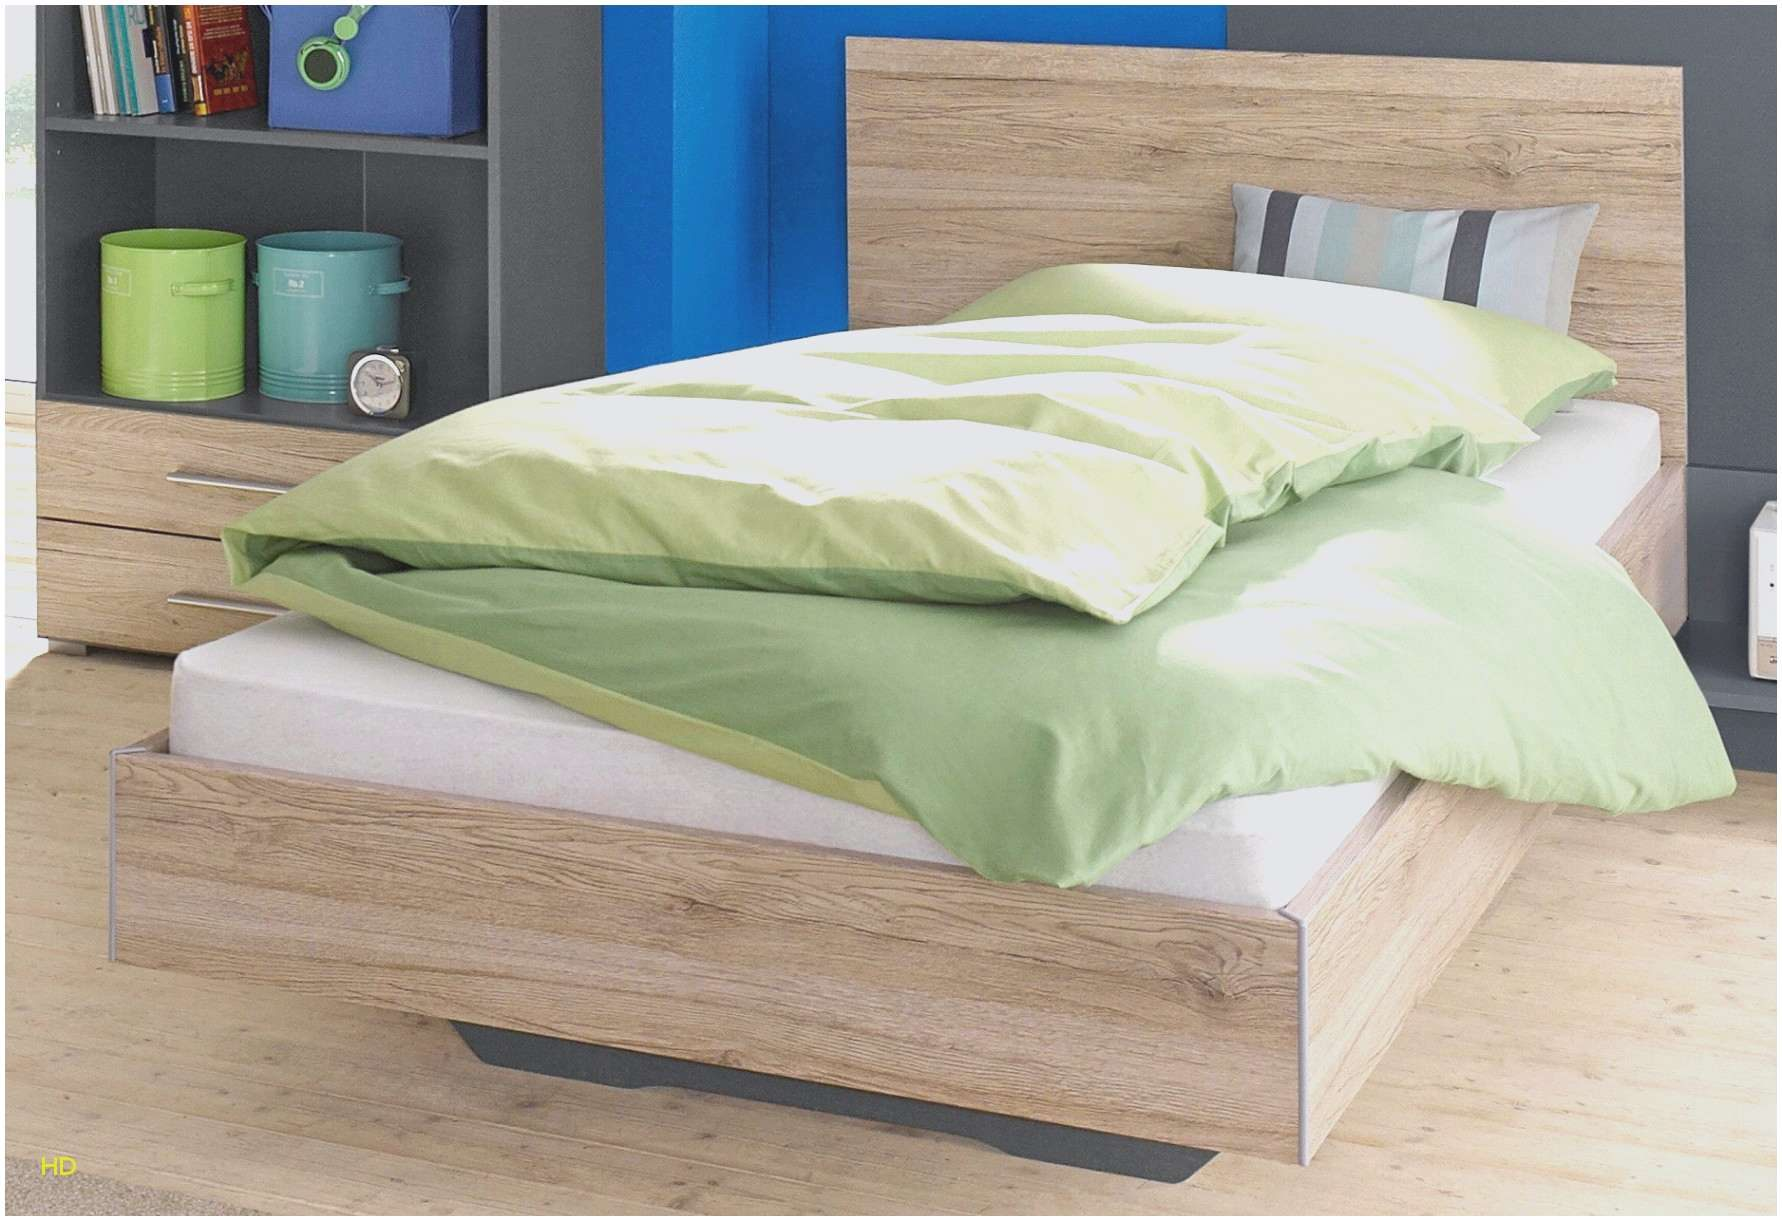 Lit Voiture Ikea Luxe Le Meilleur De Kura Reversible Bed White Pine 90 X 200 Cm Ikea Pour